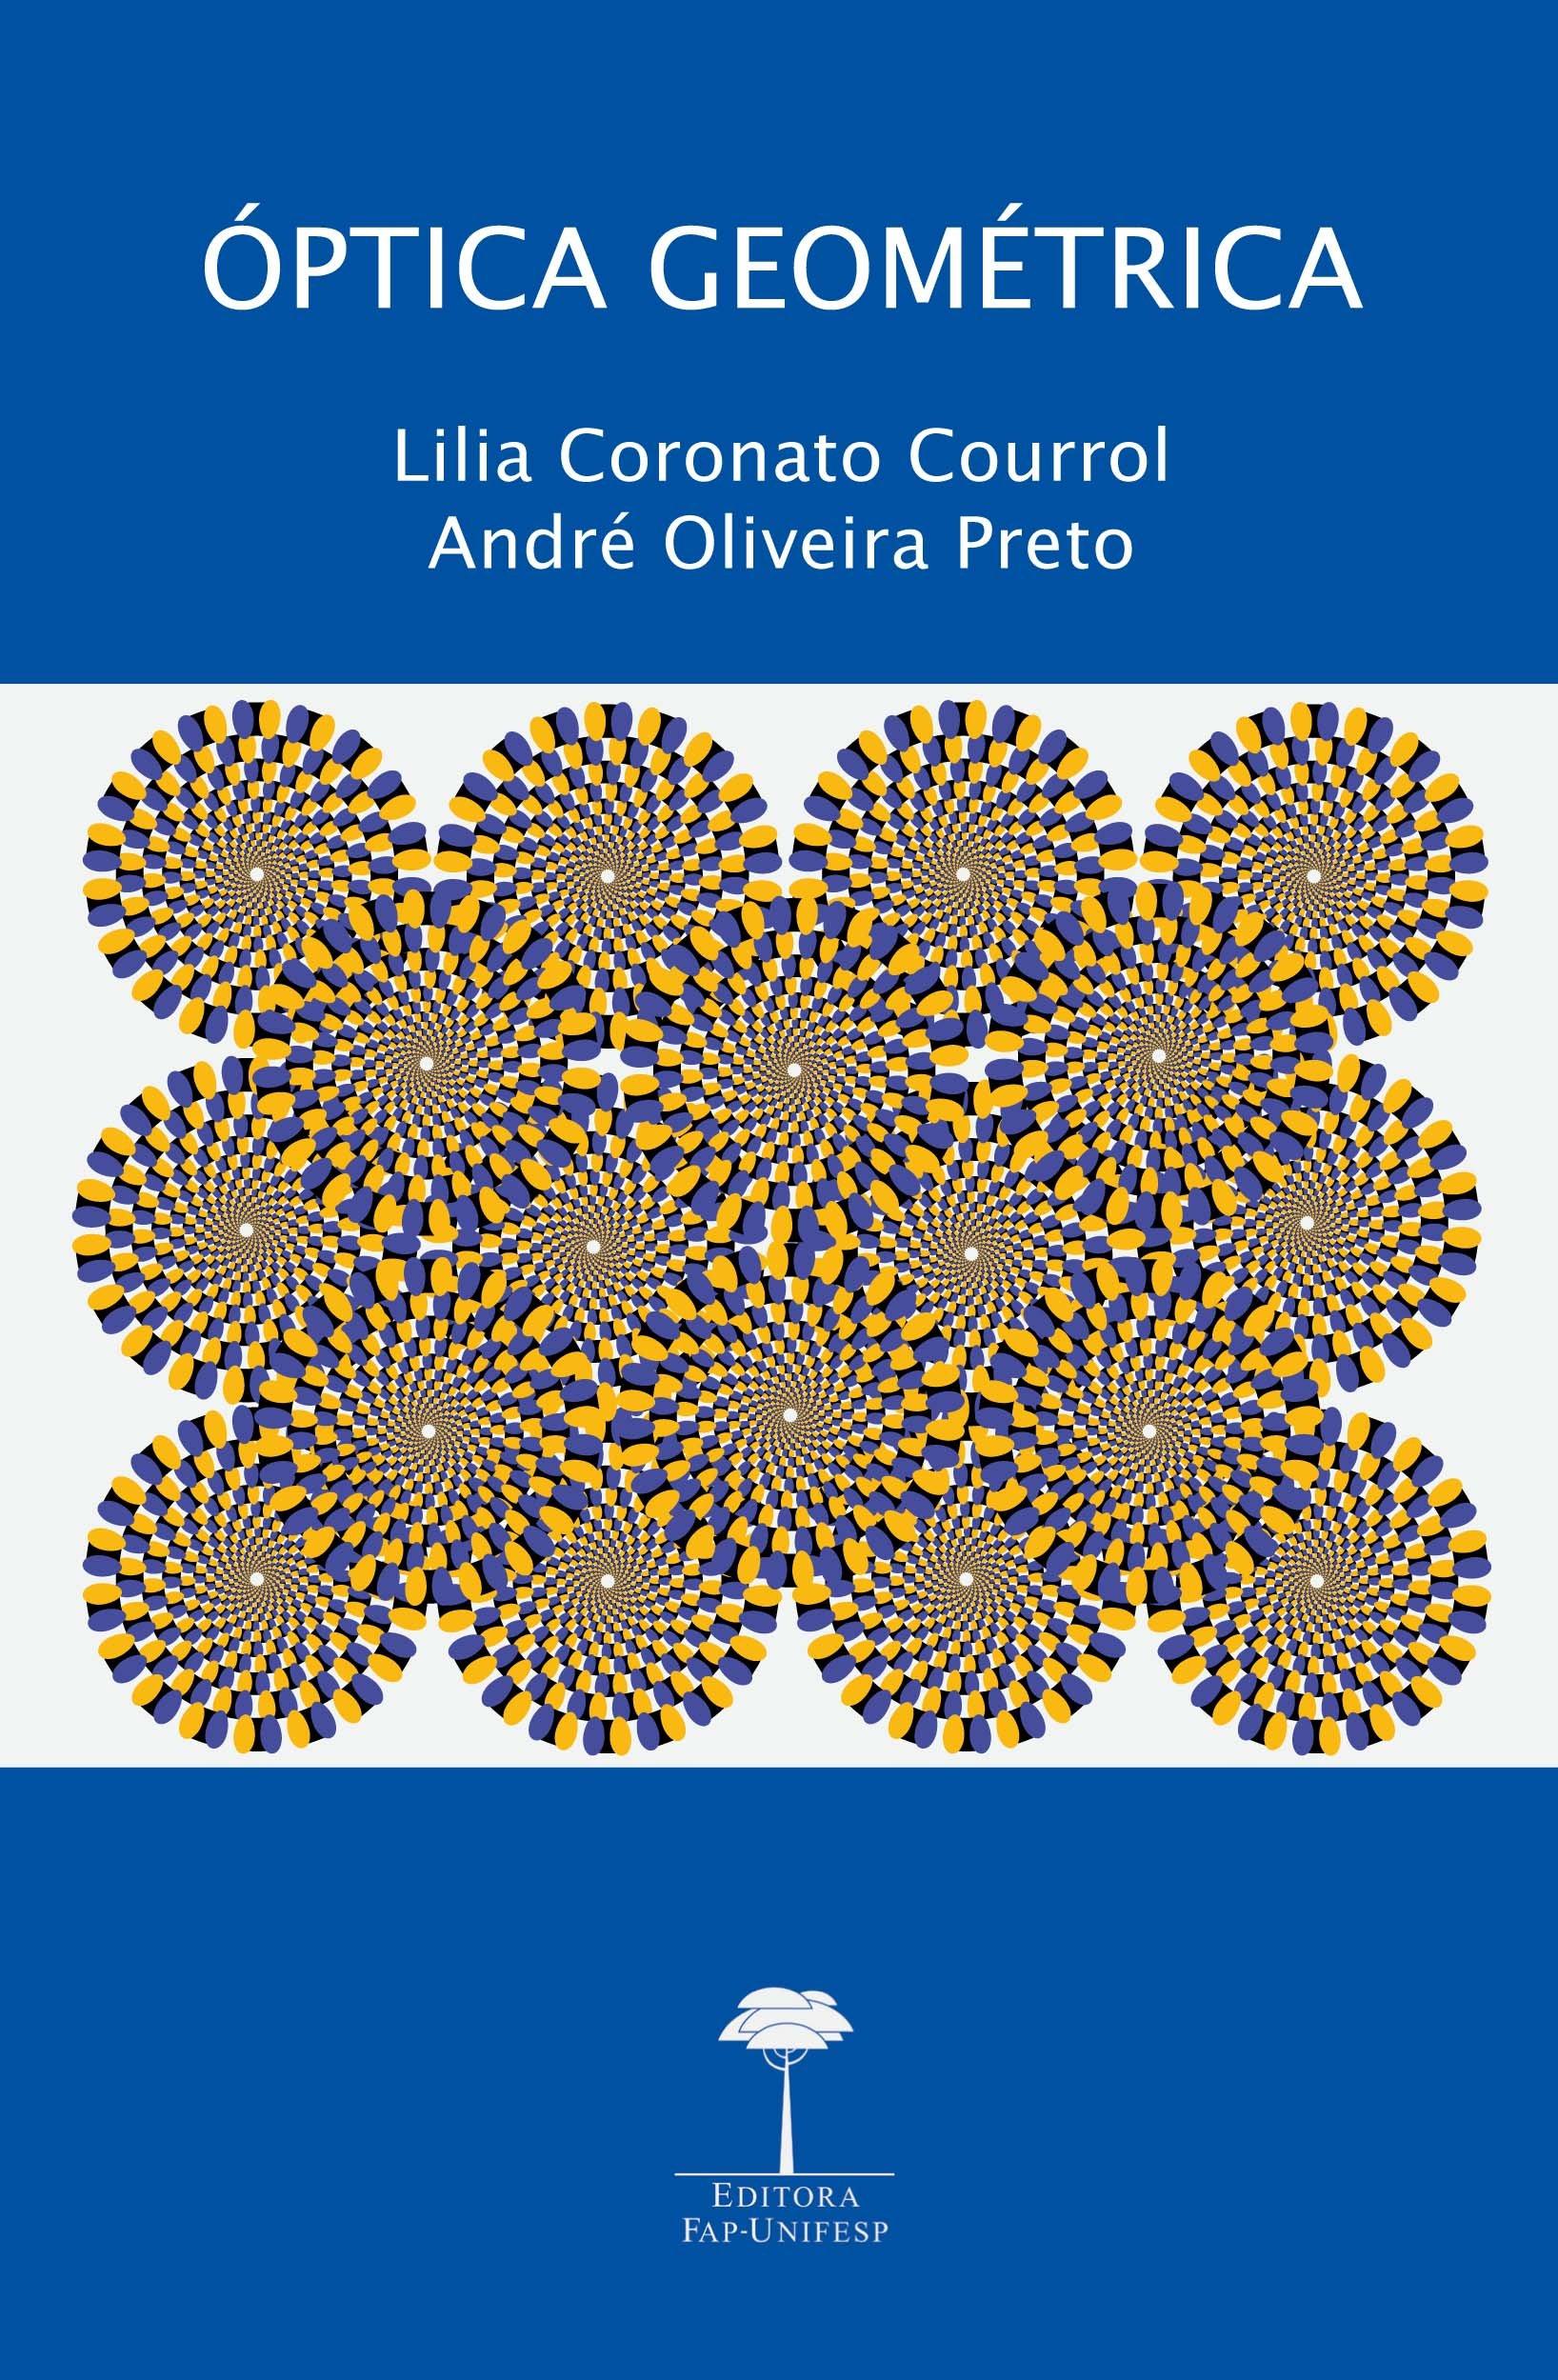 Óptica Geométrica - 9788561673338 - Livros na Amazon Brasil 939bd27bce